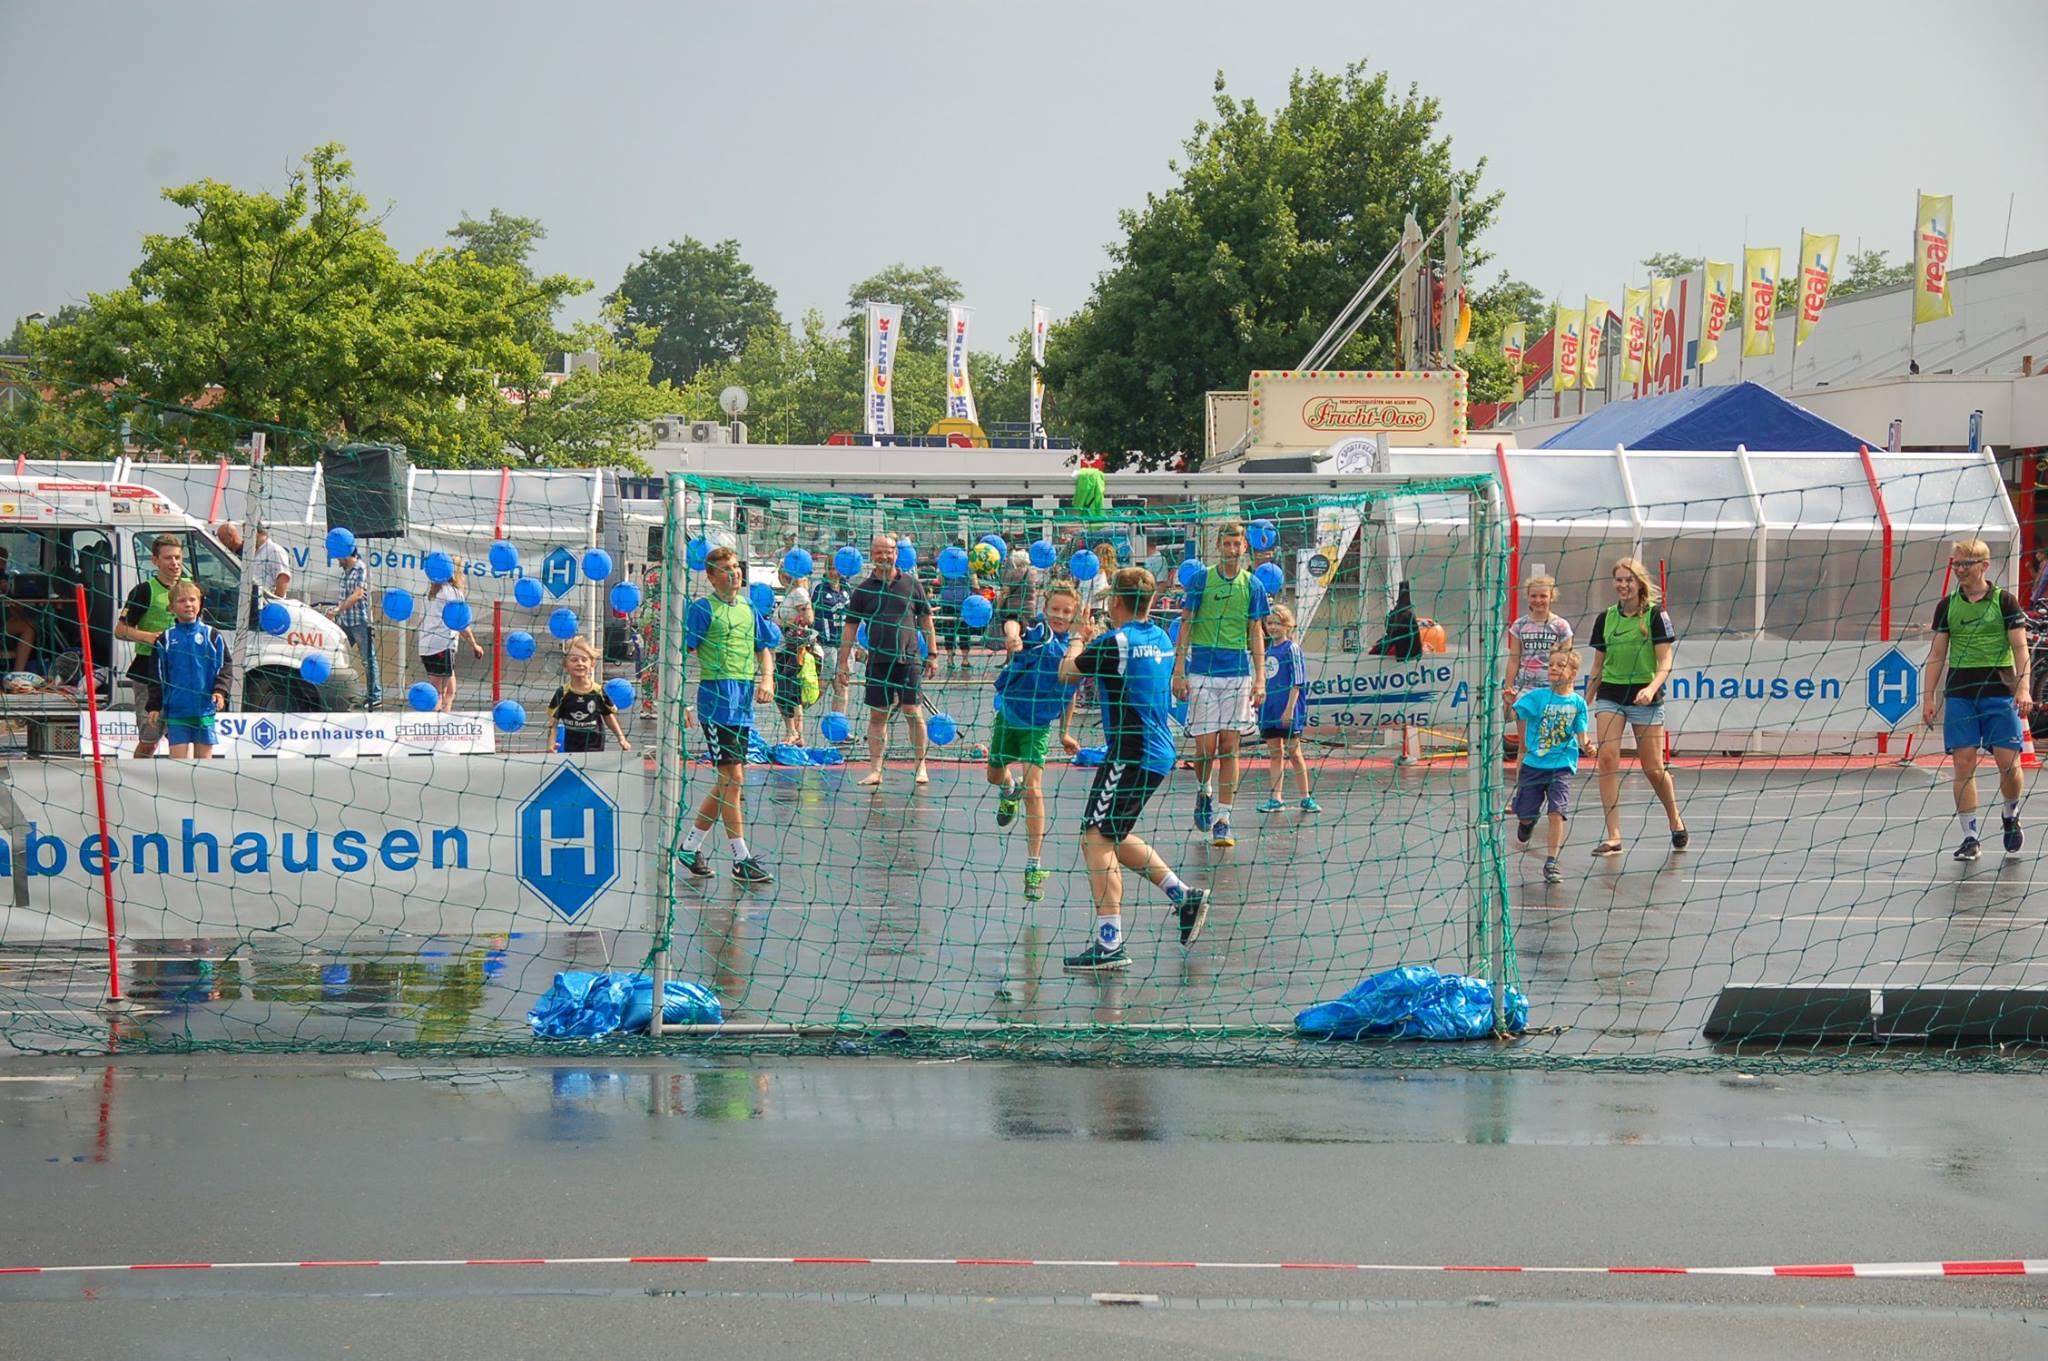 Mit dem SPORTFREUND und real,- die Jugendarbeit des ATSV Habenhausen unterstützen